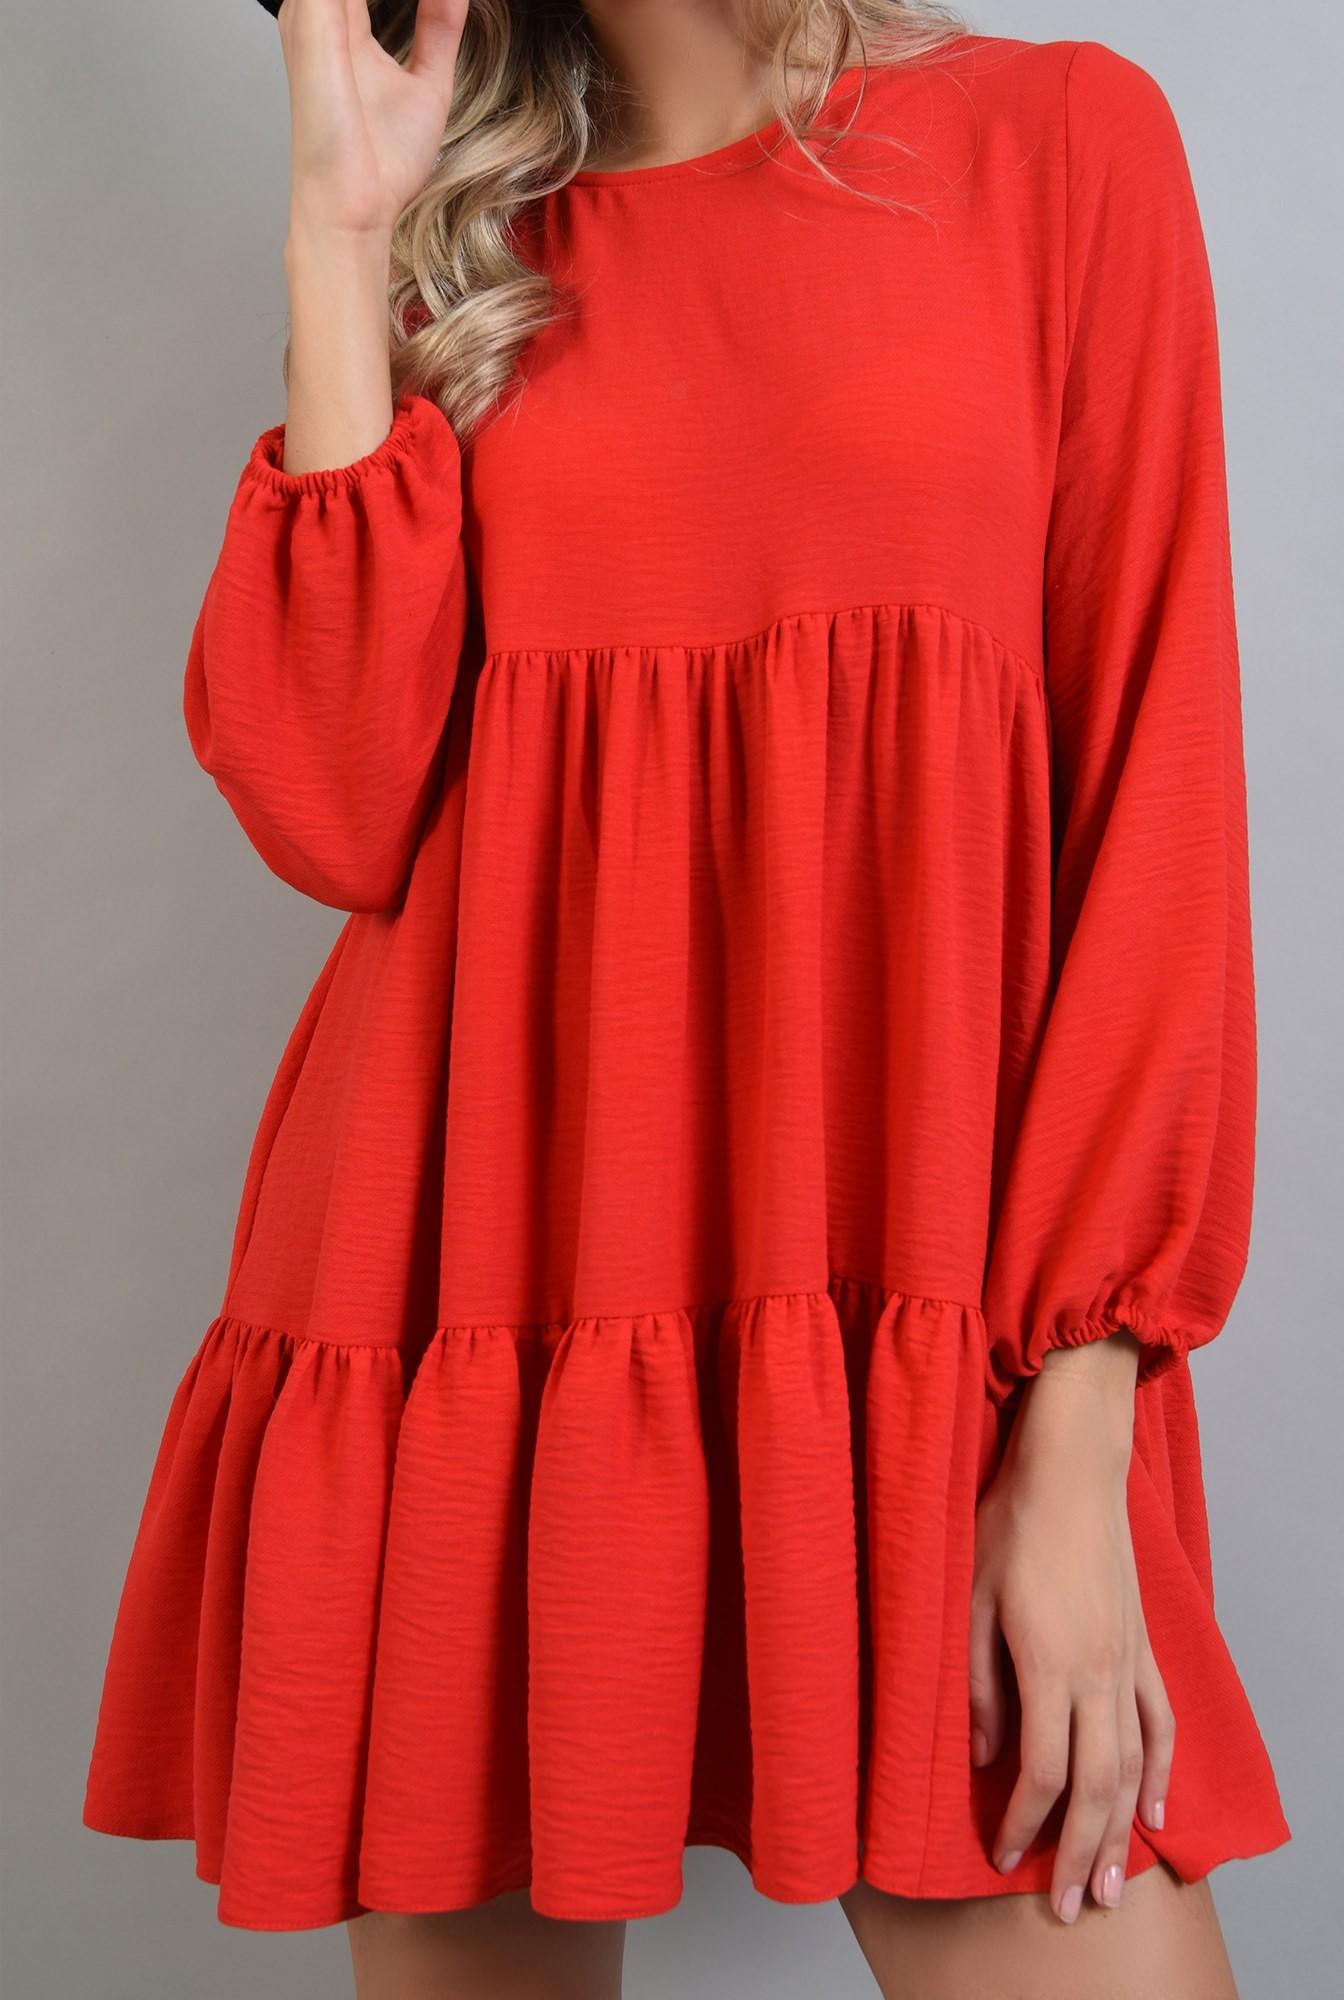 2 - 360 - rochie larga rosie, maneca lunga, Poema